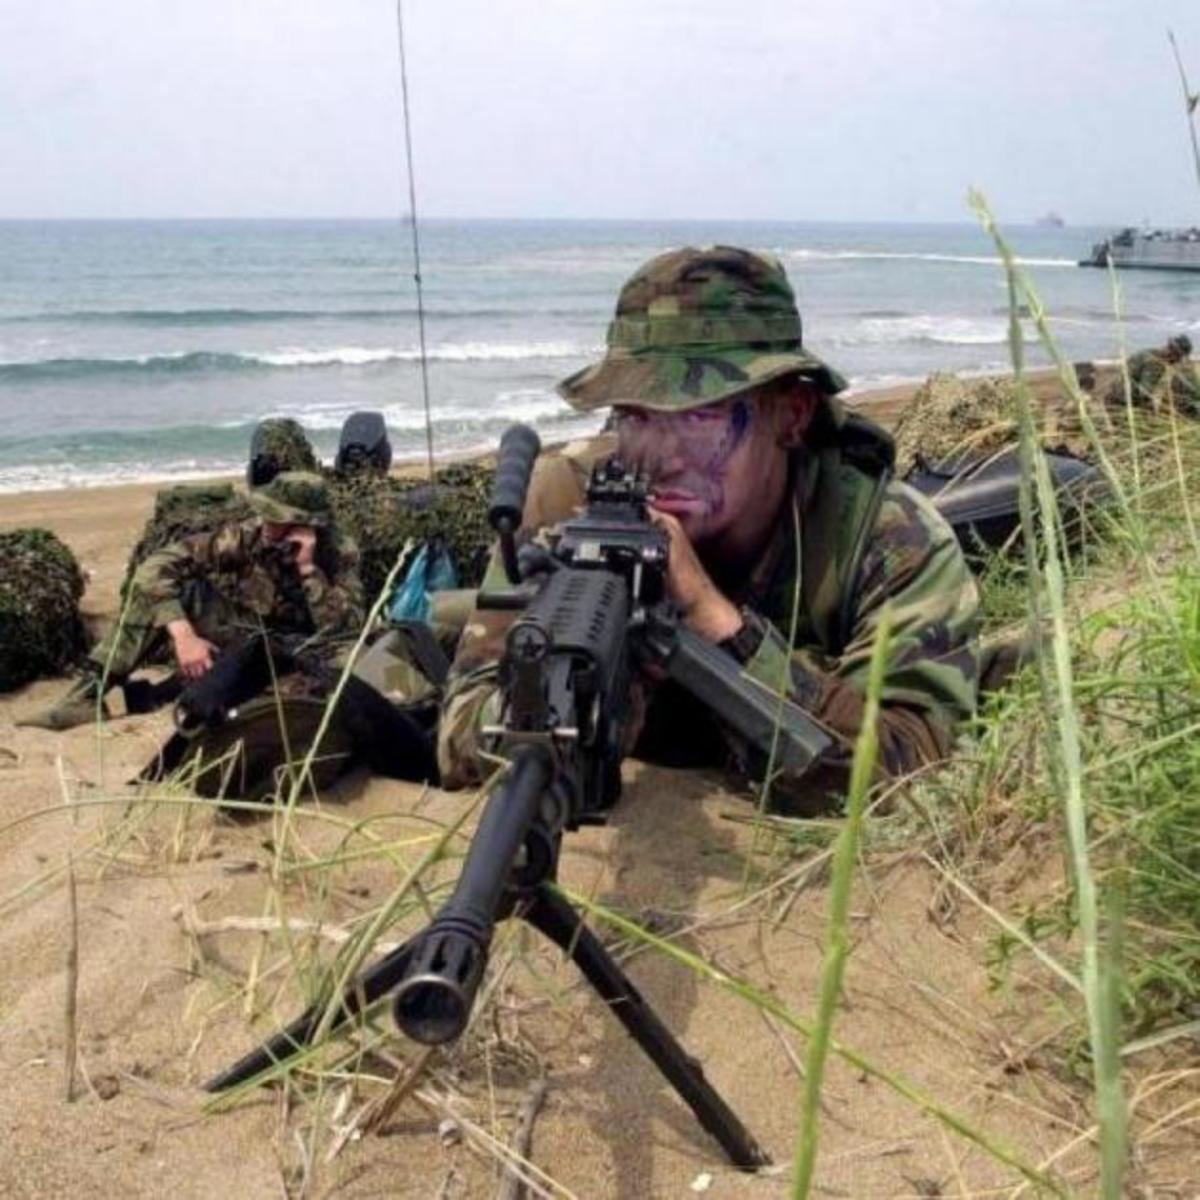 Η «μεγάλη ληστεία» κατά των στρατιωτικών! 2009-2012: Τι έχουν χάσει από το εισόδημά τους   Newsit.gr